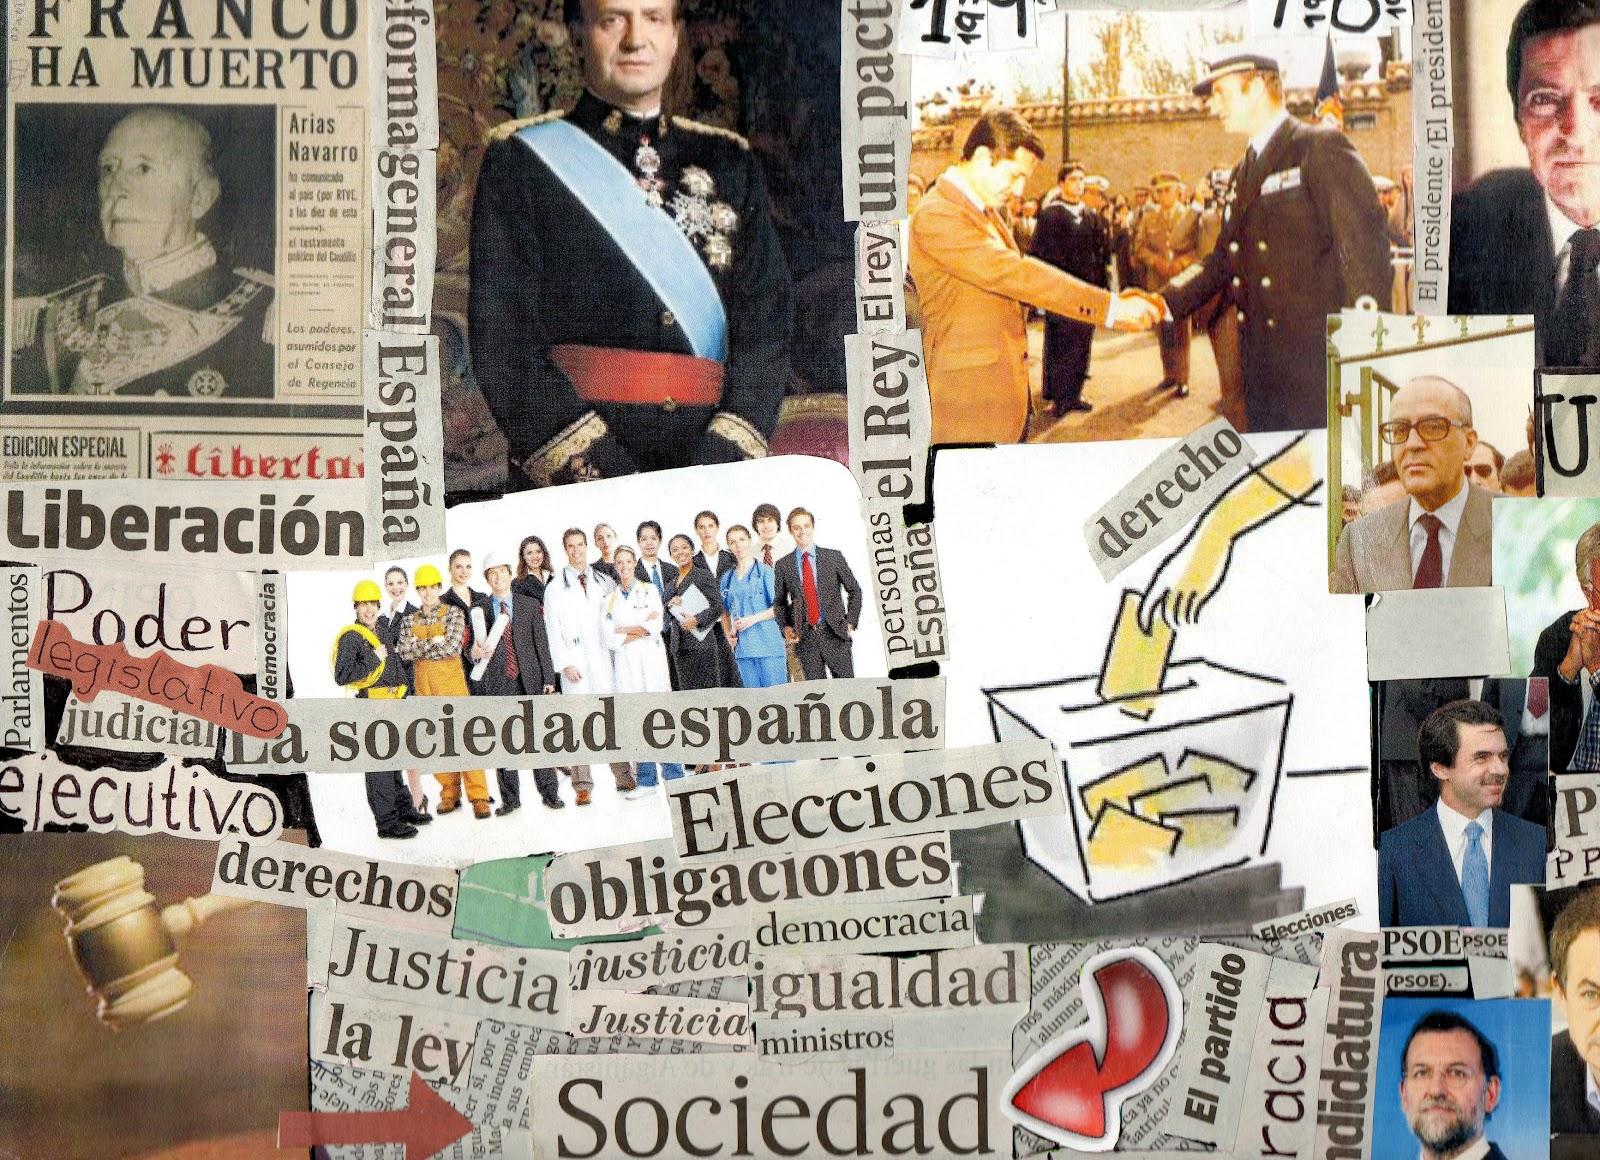 ... TOXTLAN: Conmemoran el XCVII Aniversario de la Constitución de 1917